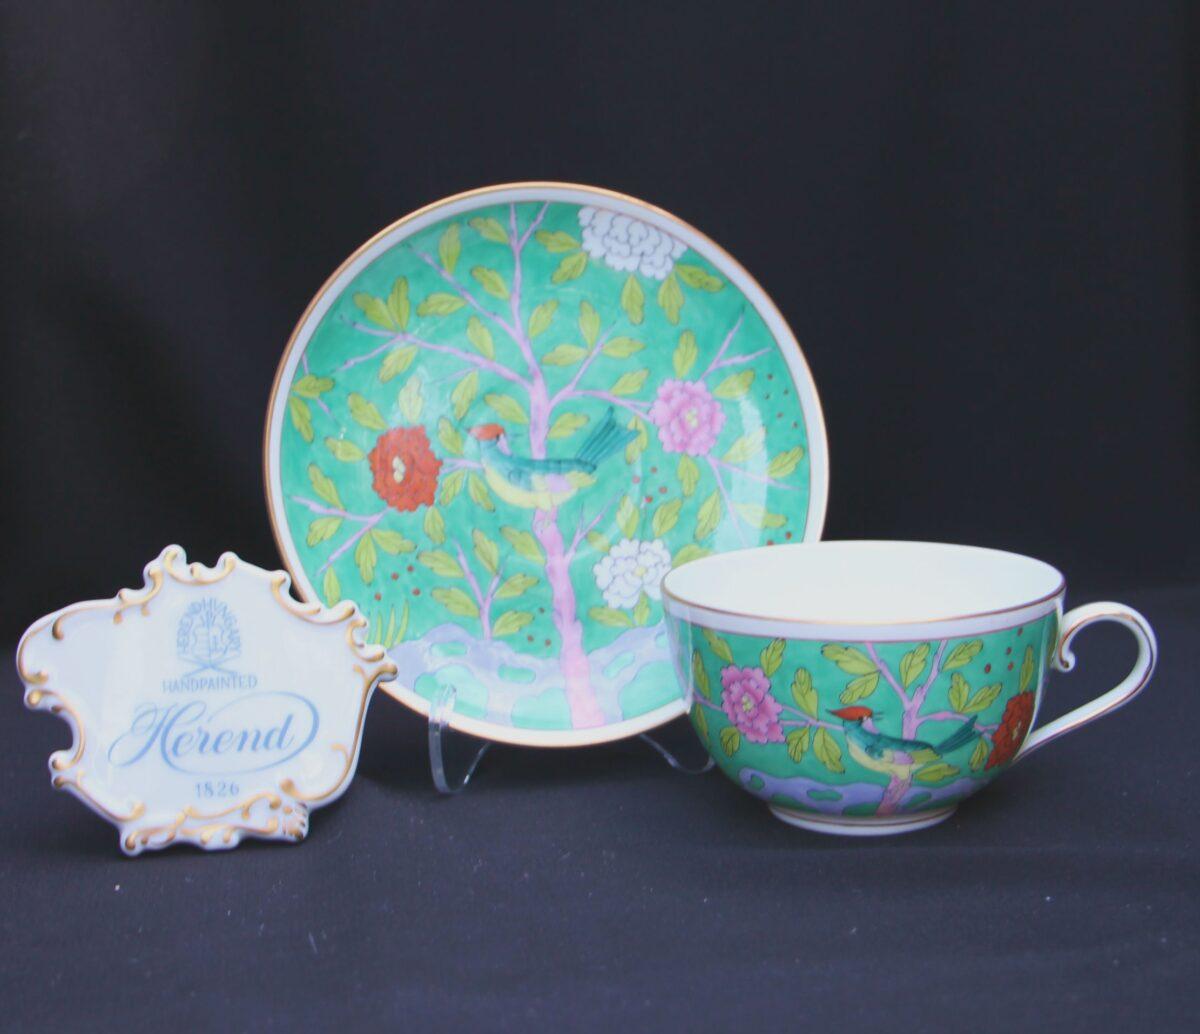 Teacup and Saucer - MACV